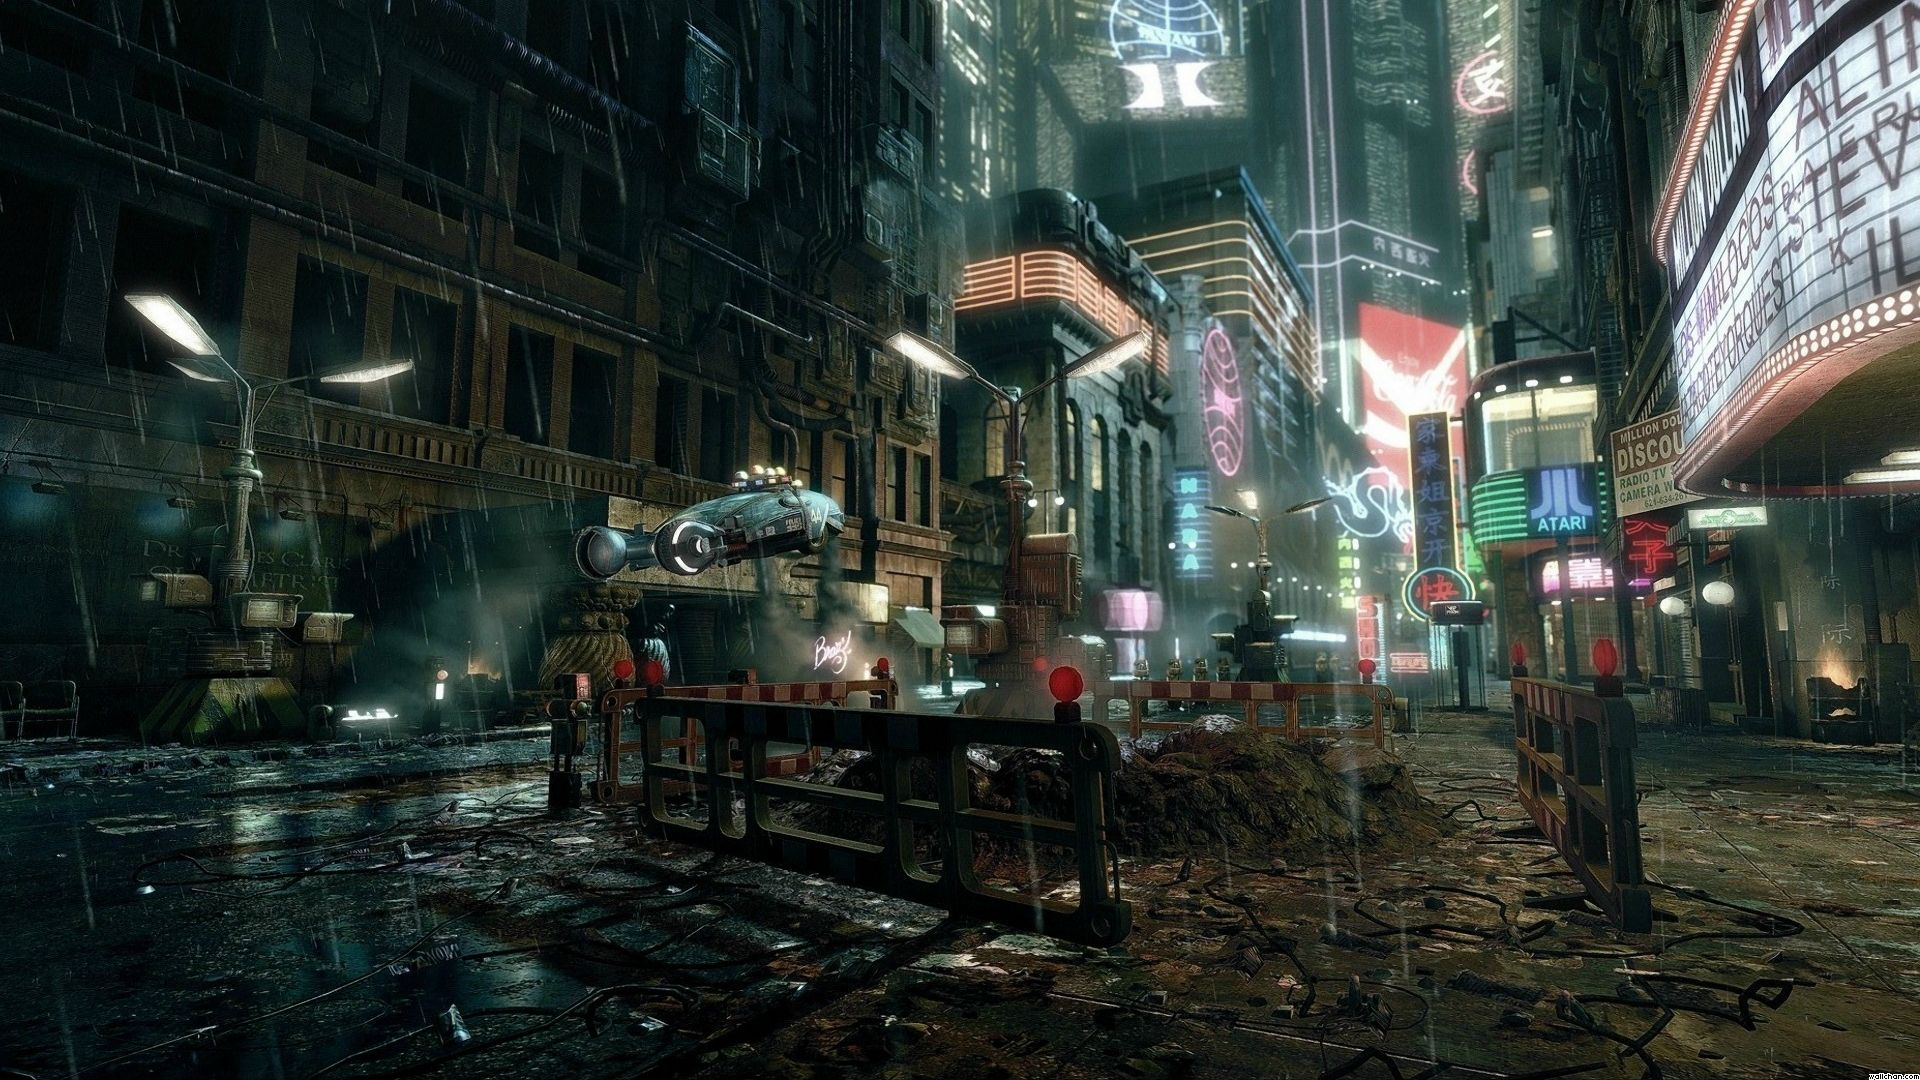 O futuro, segundo Cyberpunk 2077 (Foto: Divulgação)